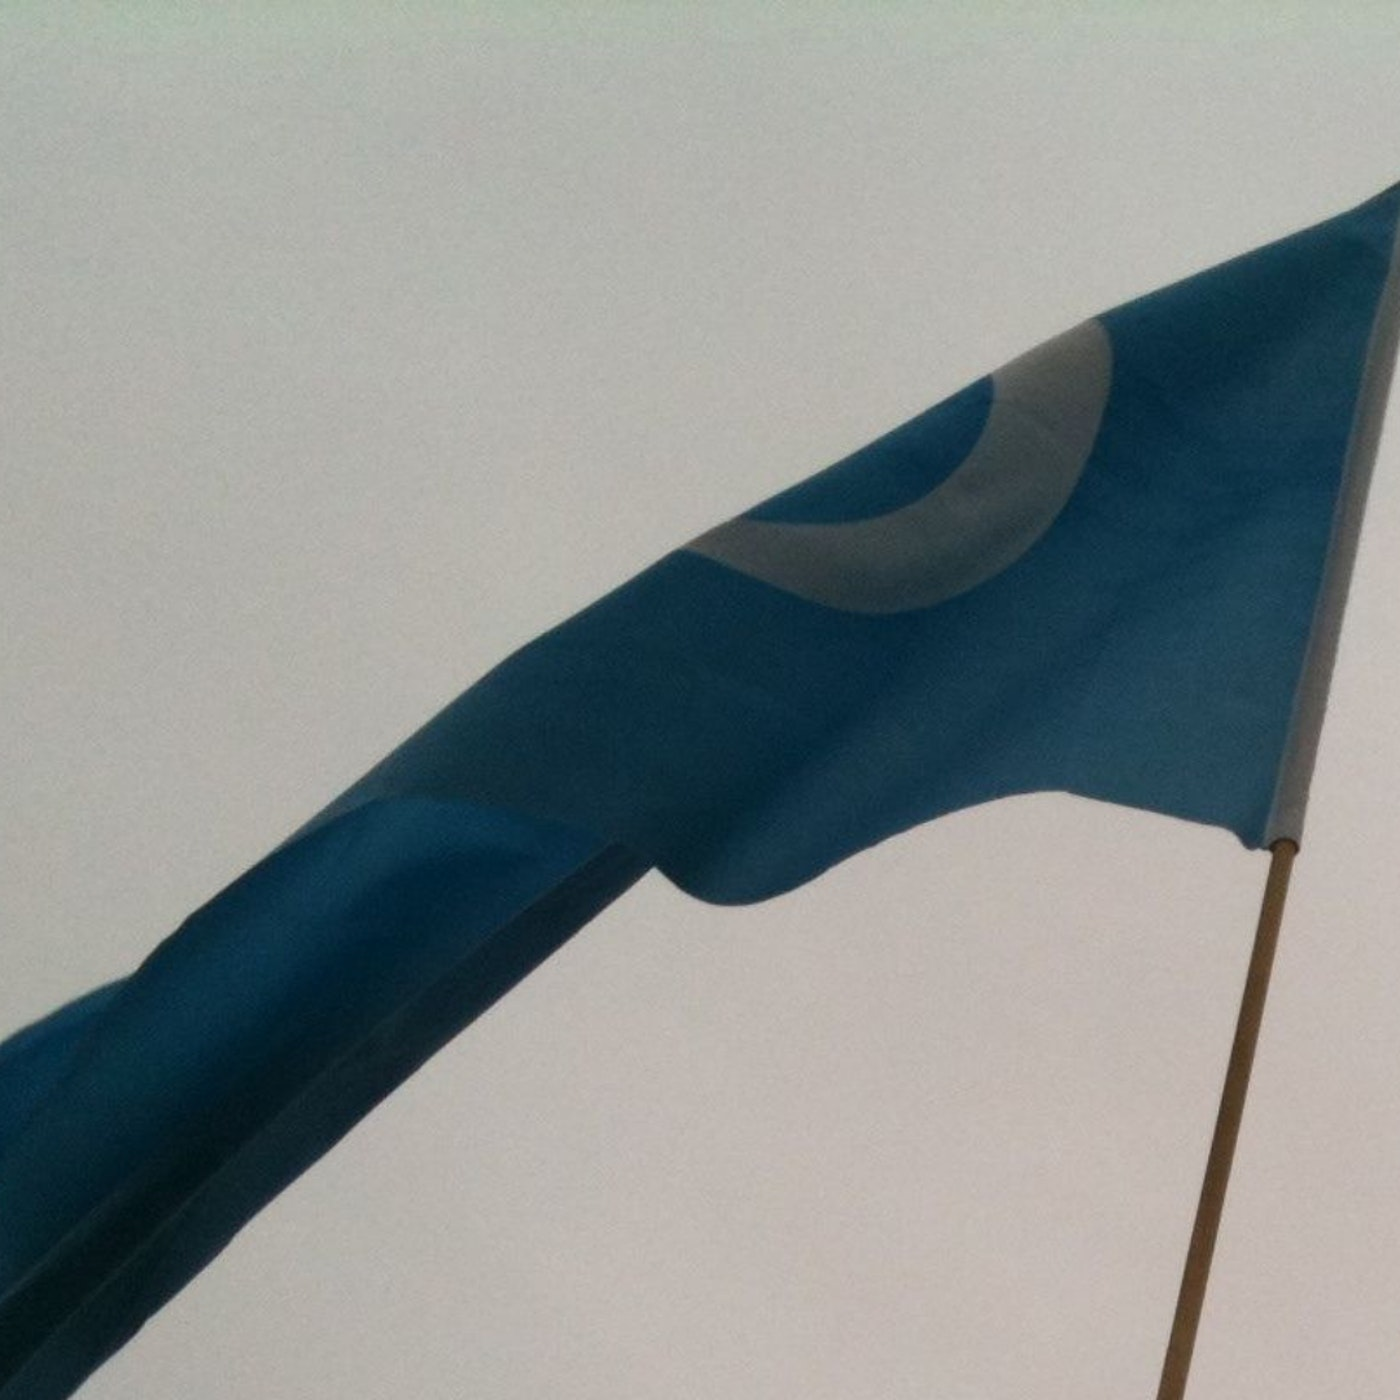 uyghurmuslims